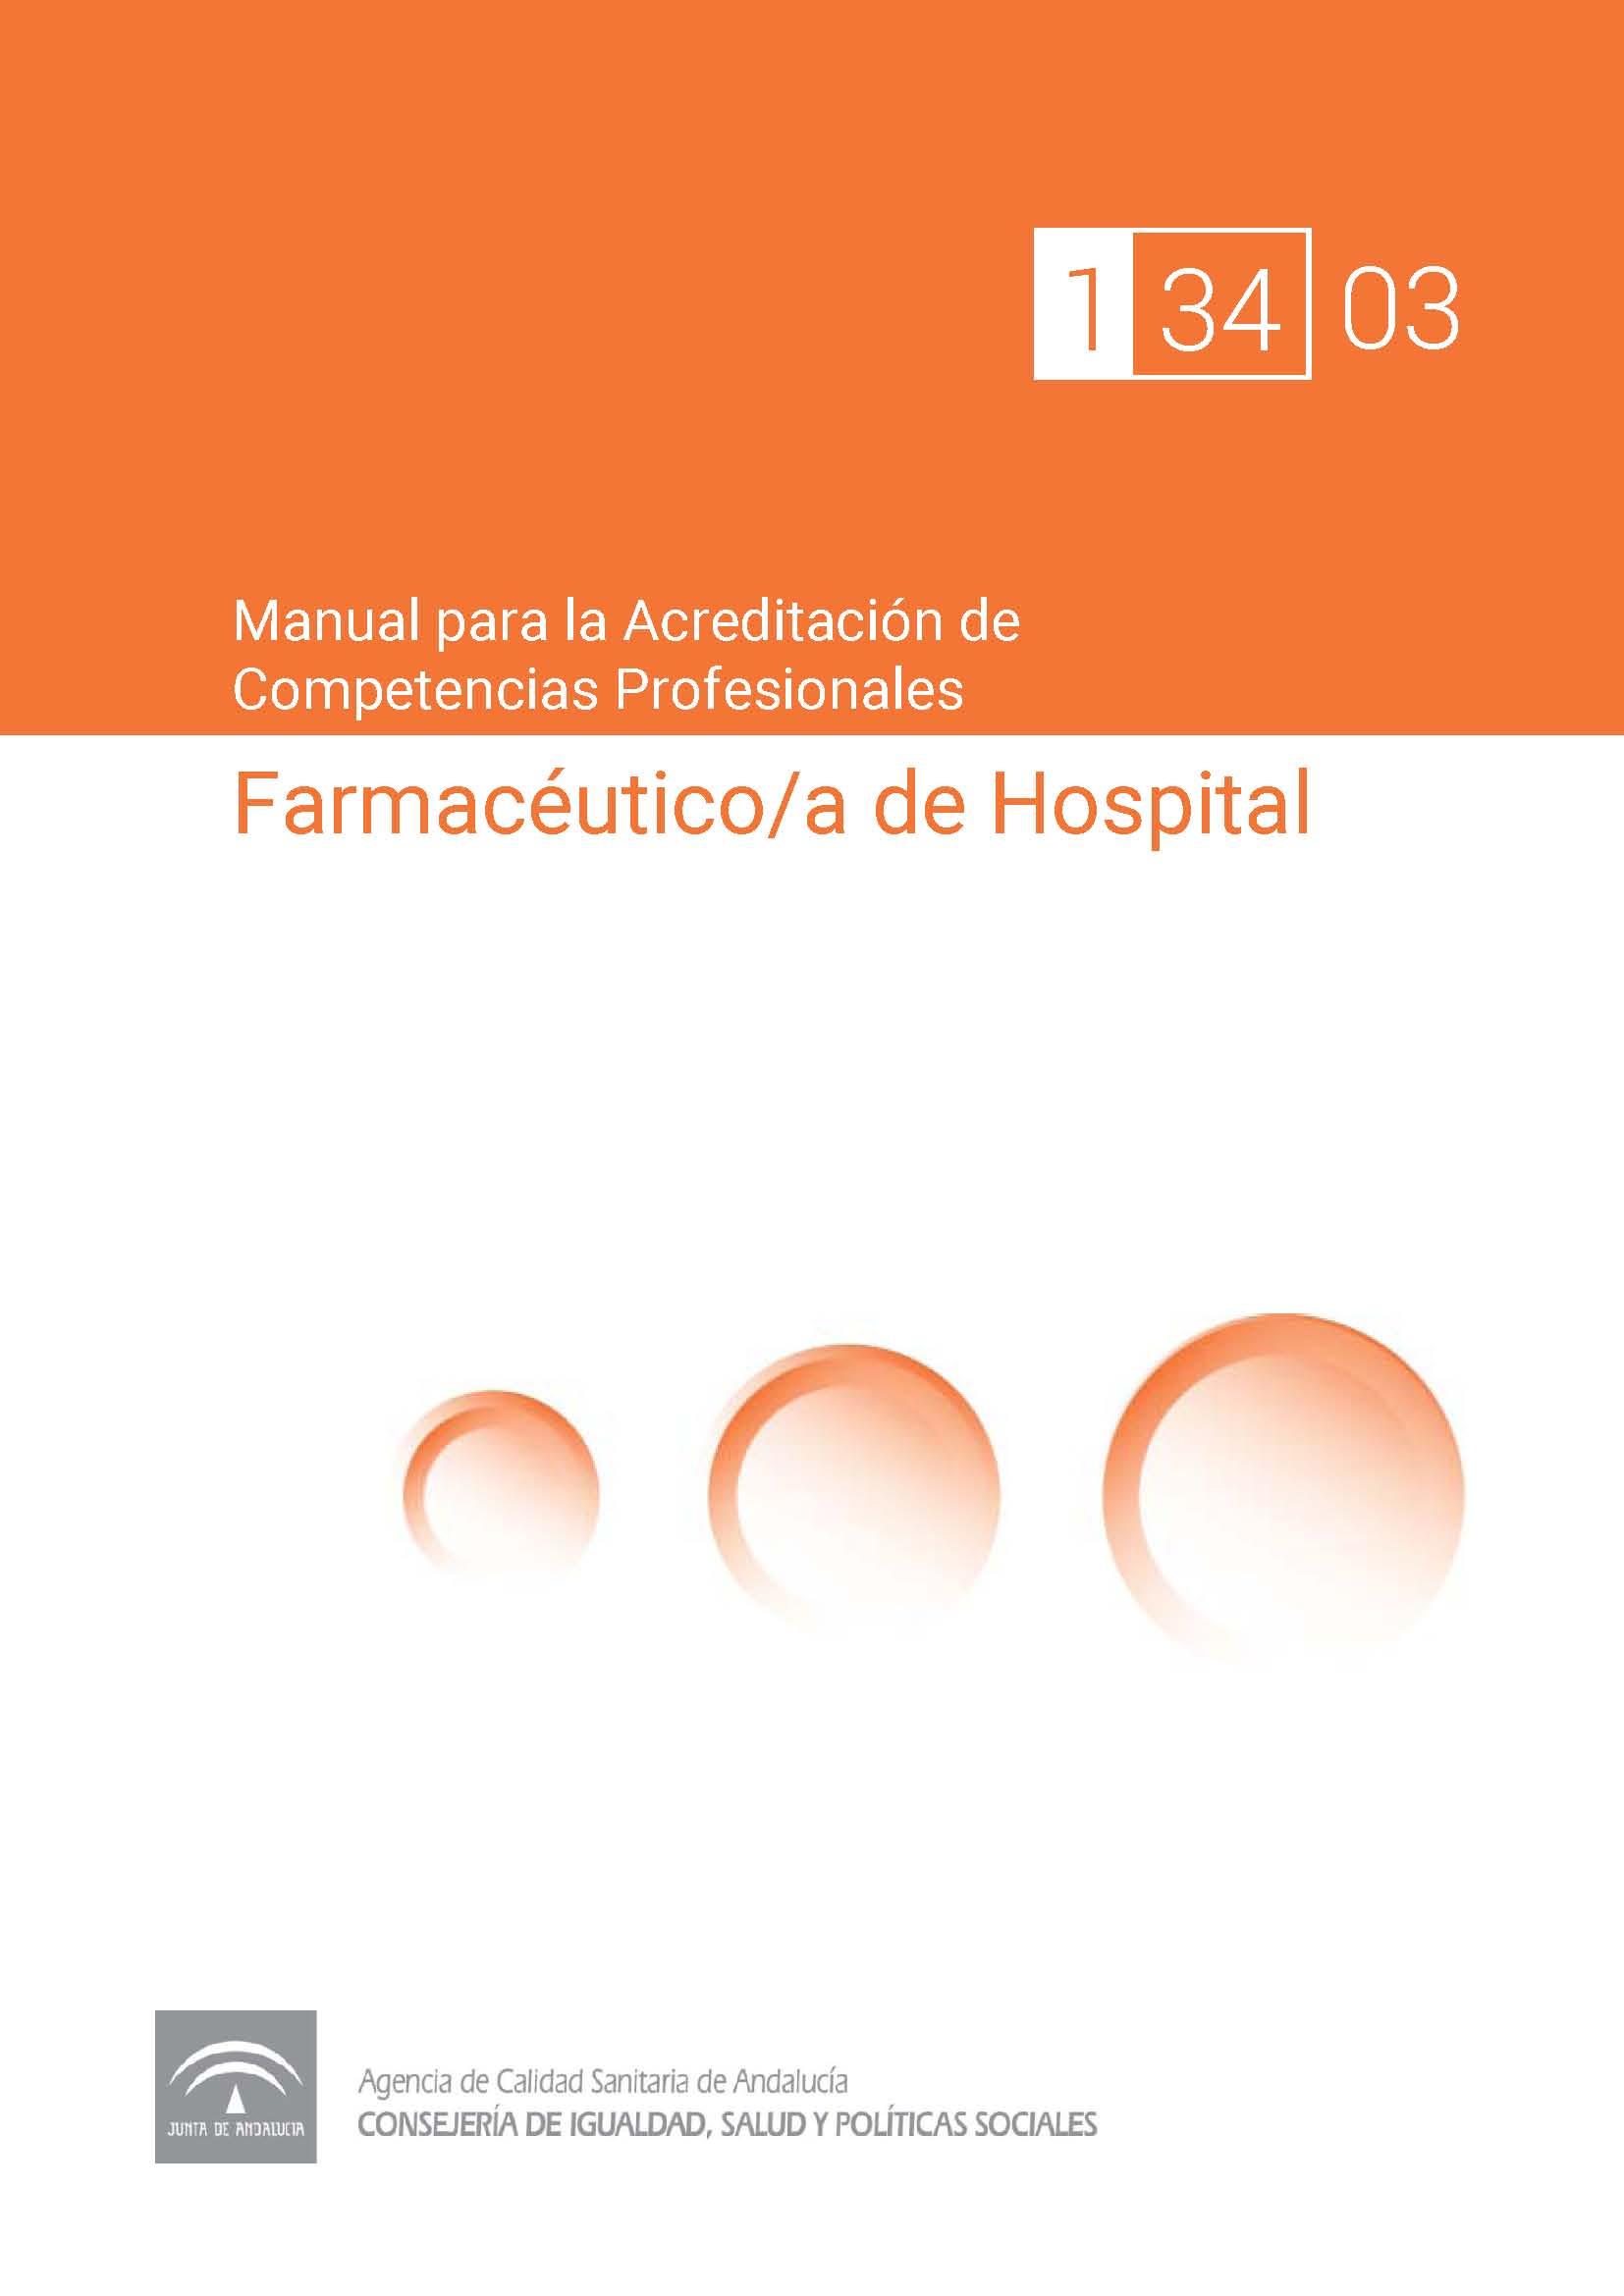 Manual de competencias profesionales del/de la Farmacéutico/a de Hospital